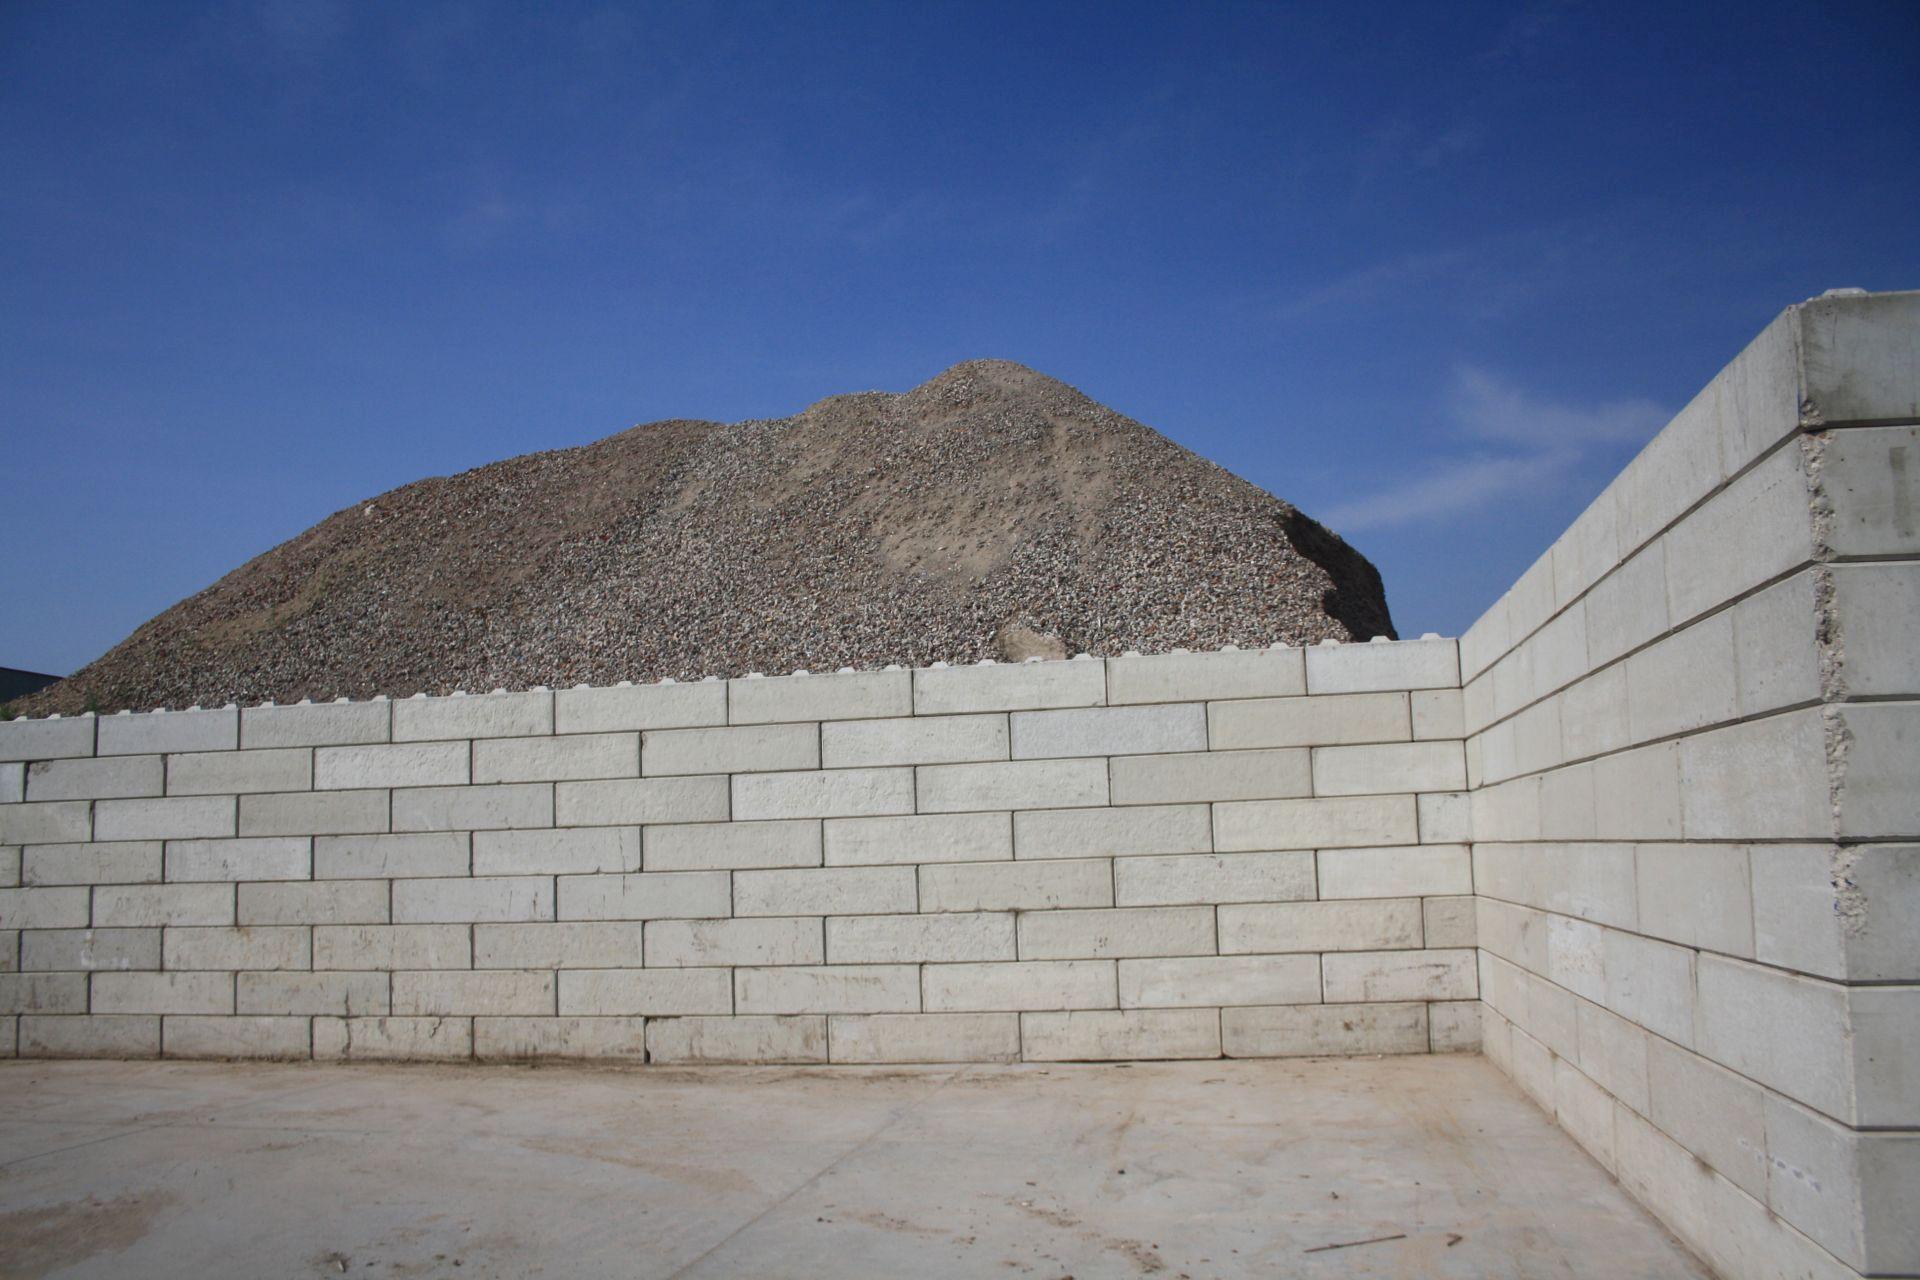 baublocks-afzetting-avg-bouwstoffen-heijen